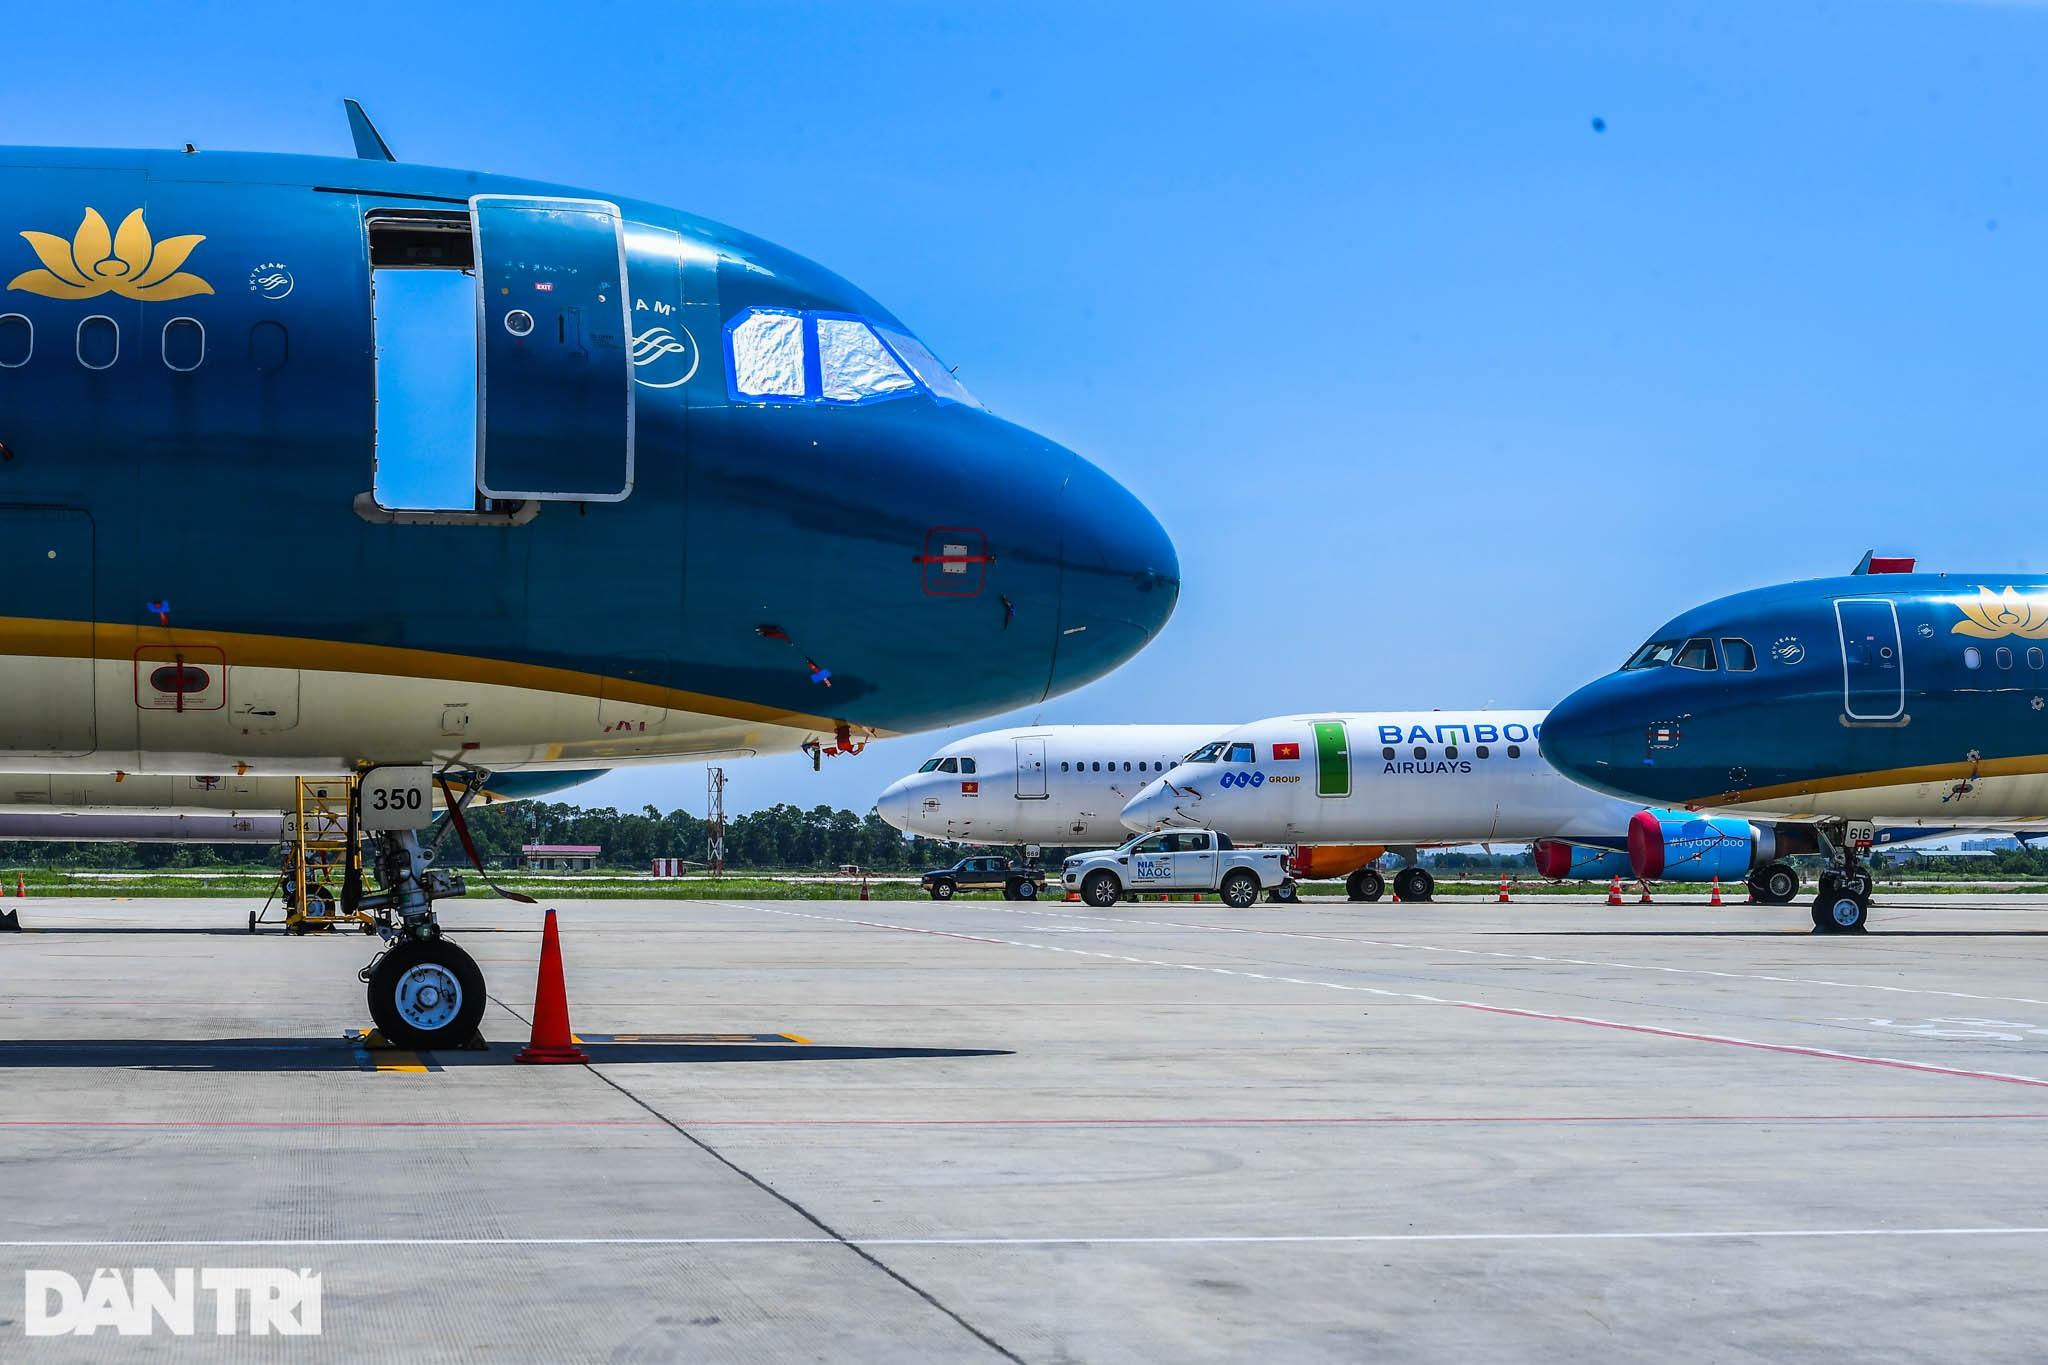 Ám ảnh hàng trăm tàu bay đắp chiếu nằm la liệt tại Nội Bài, Tân Sơn Nhất - 6